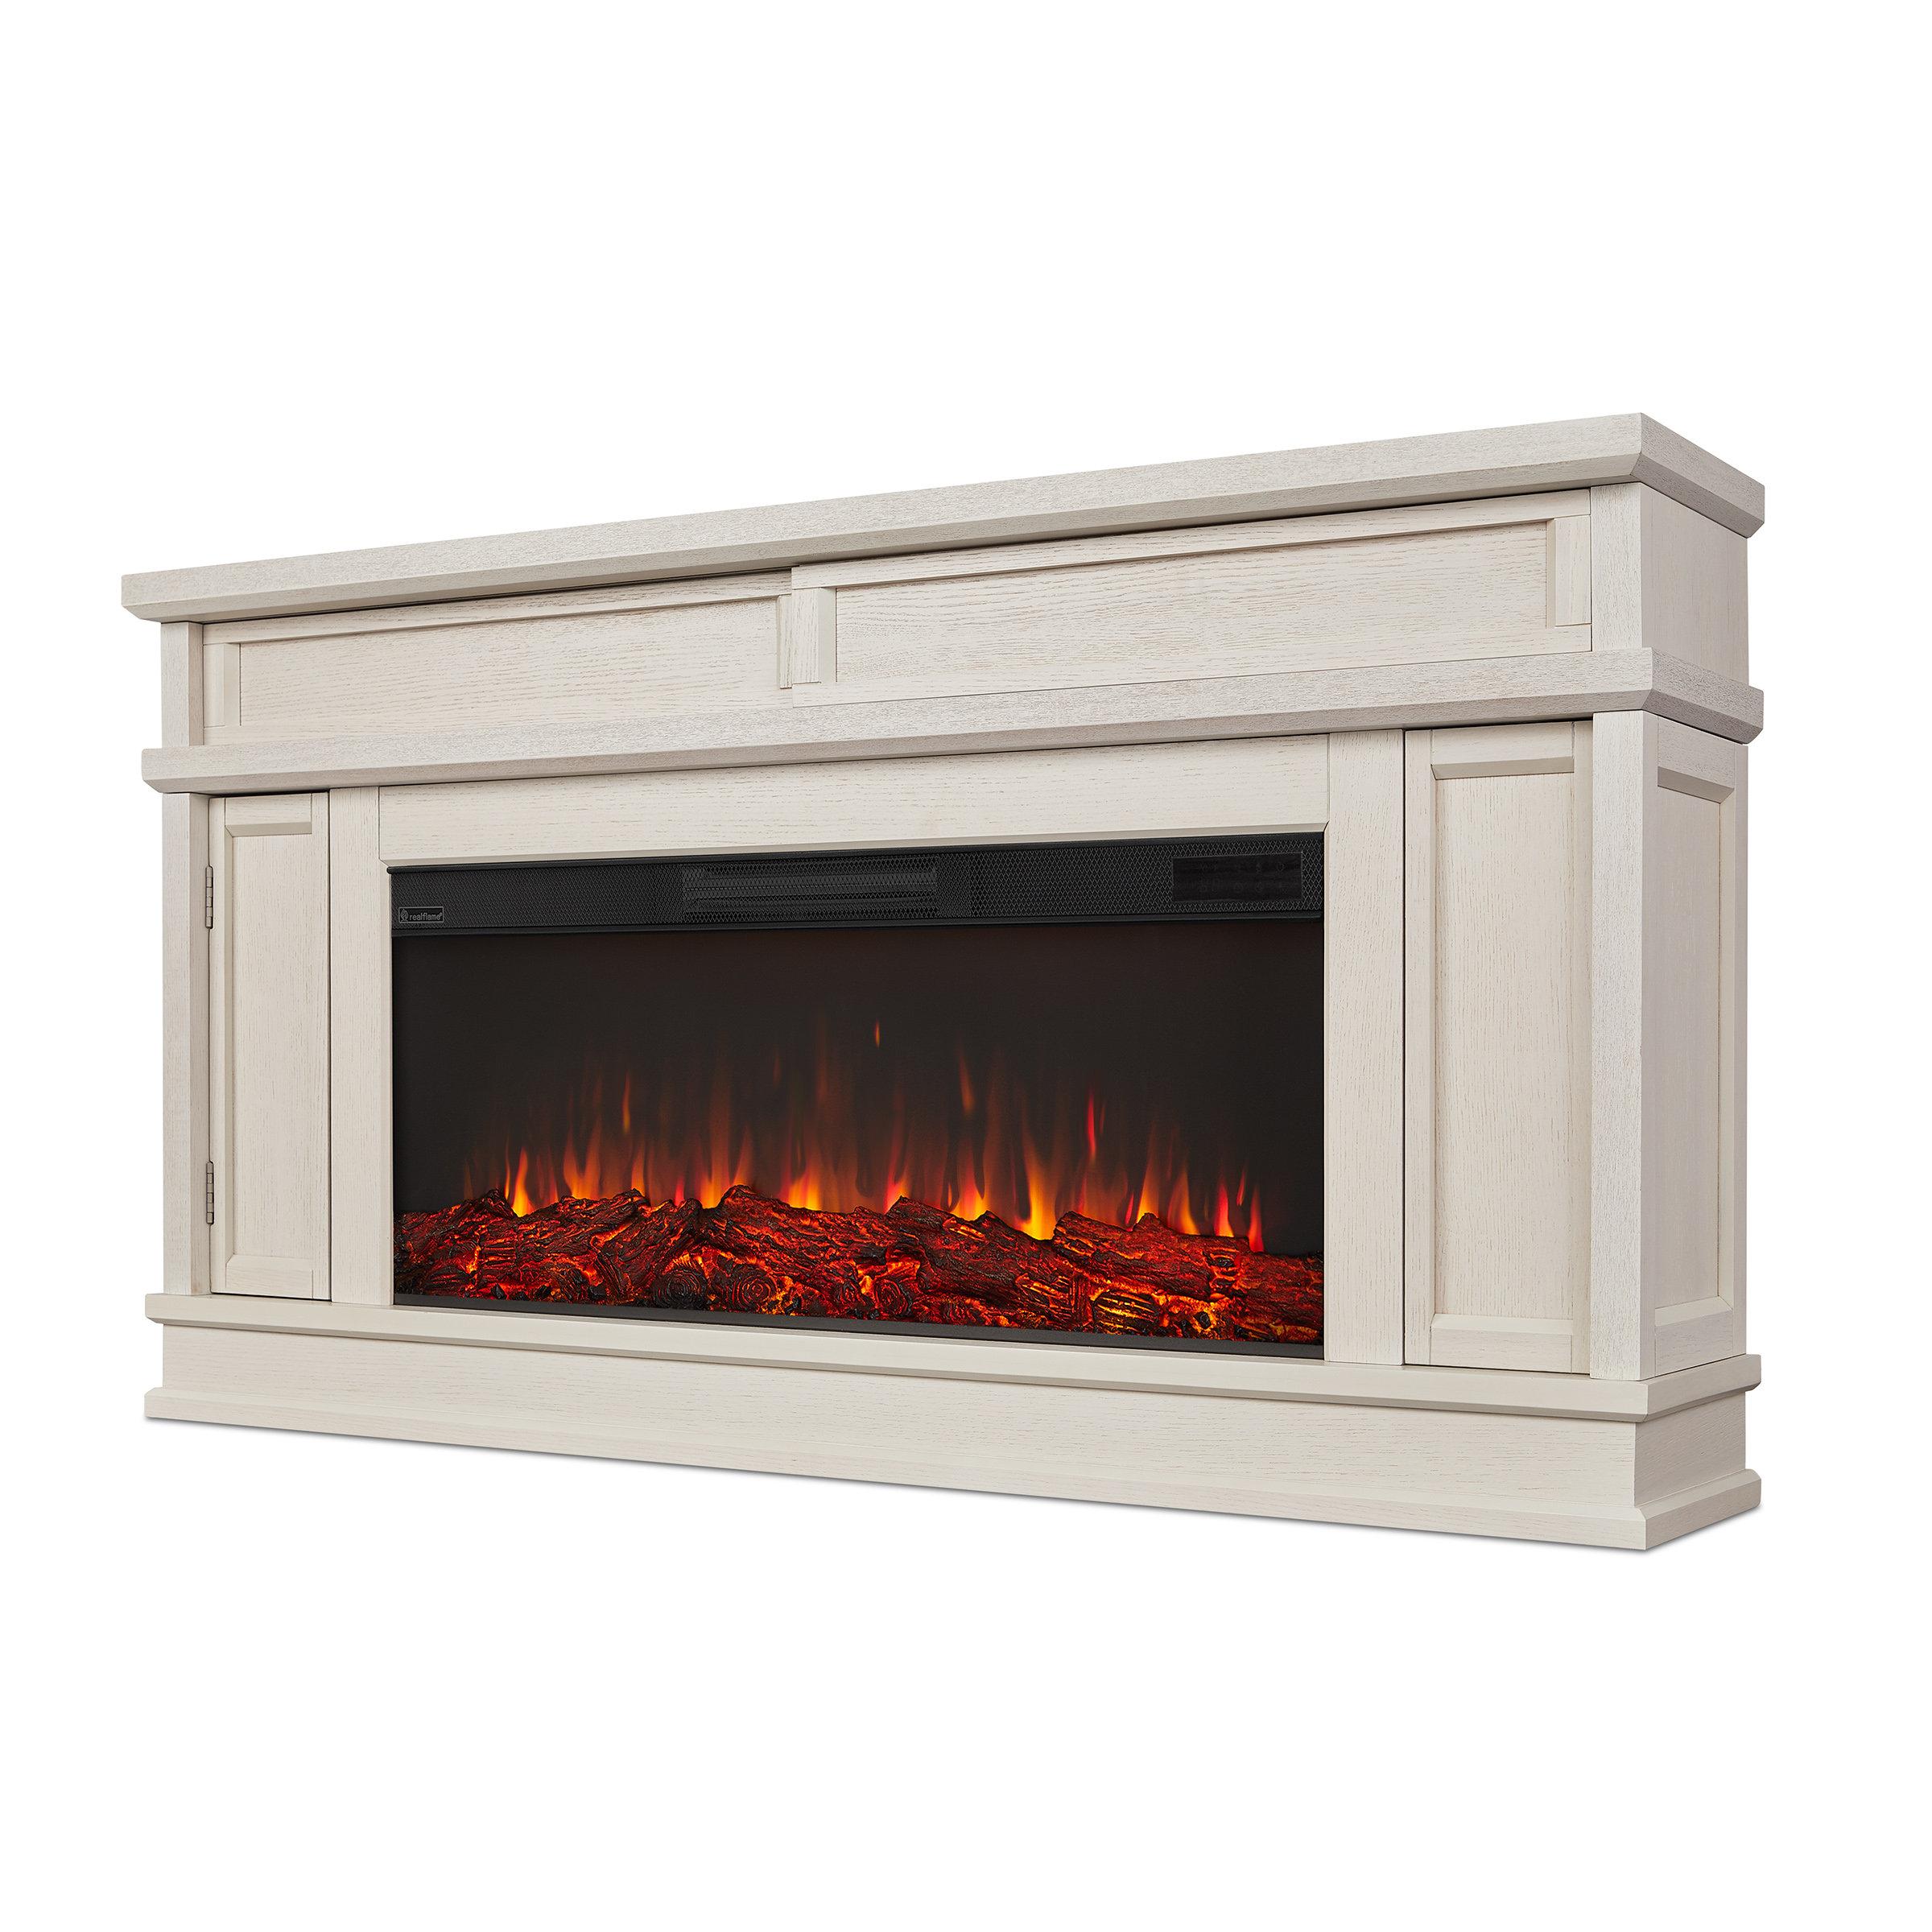 Wayfair Real Flame Torrey Electric Fireplace